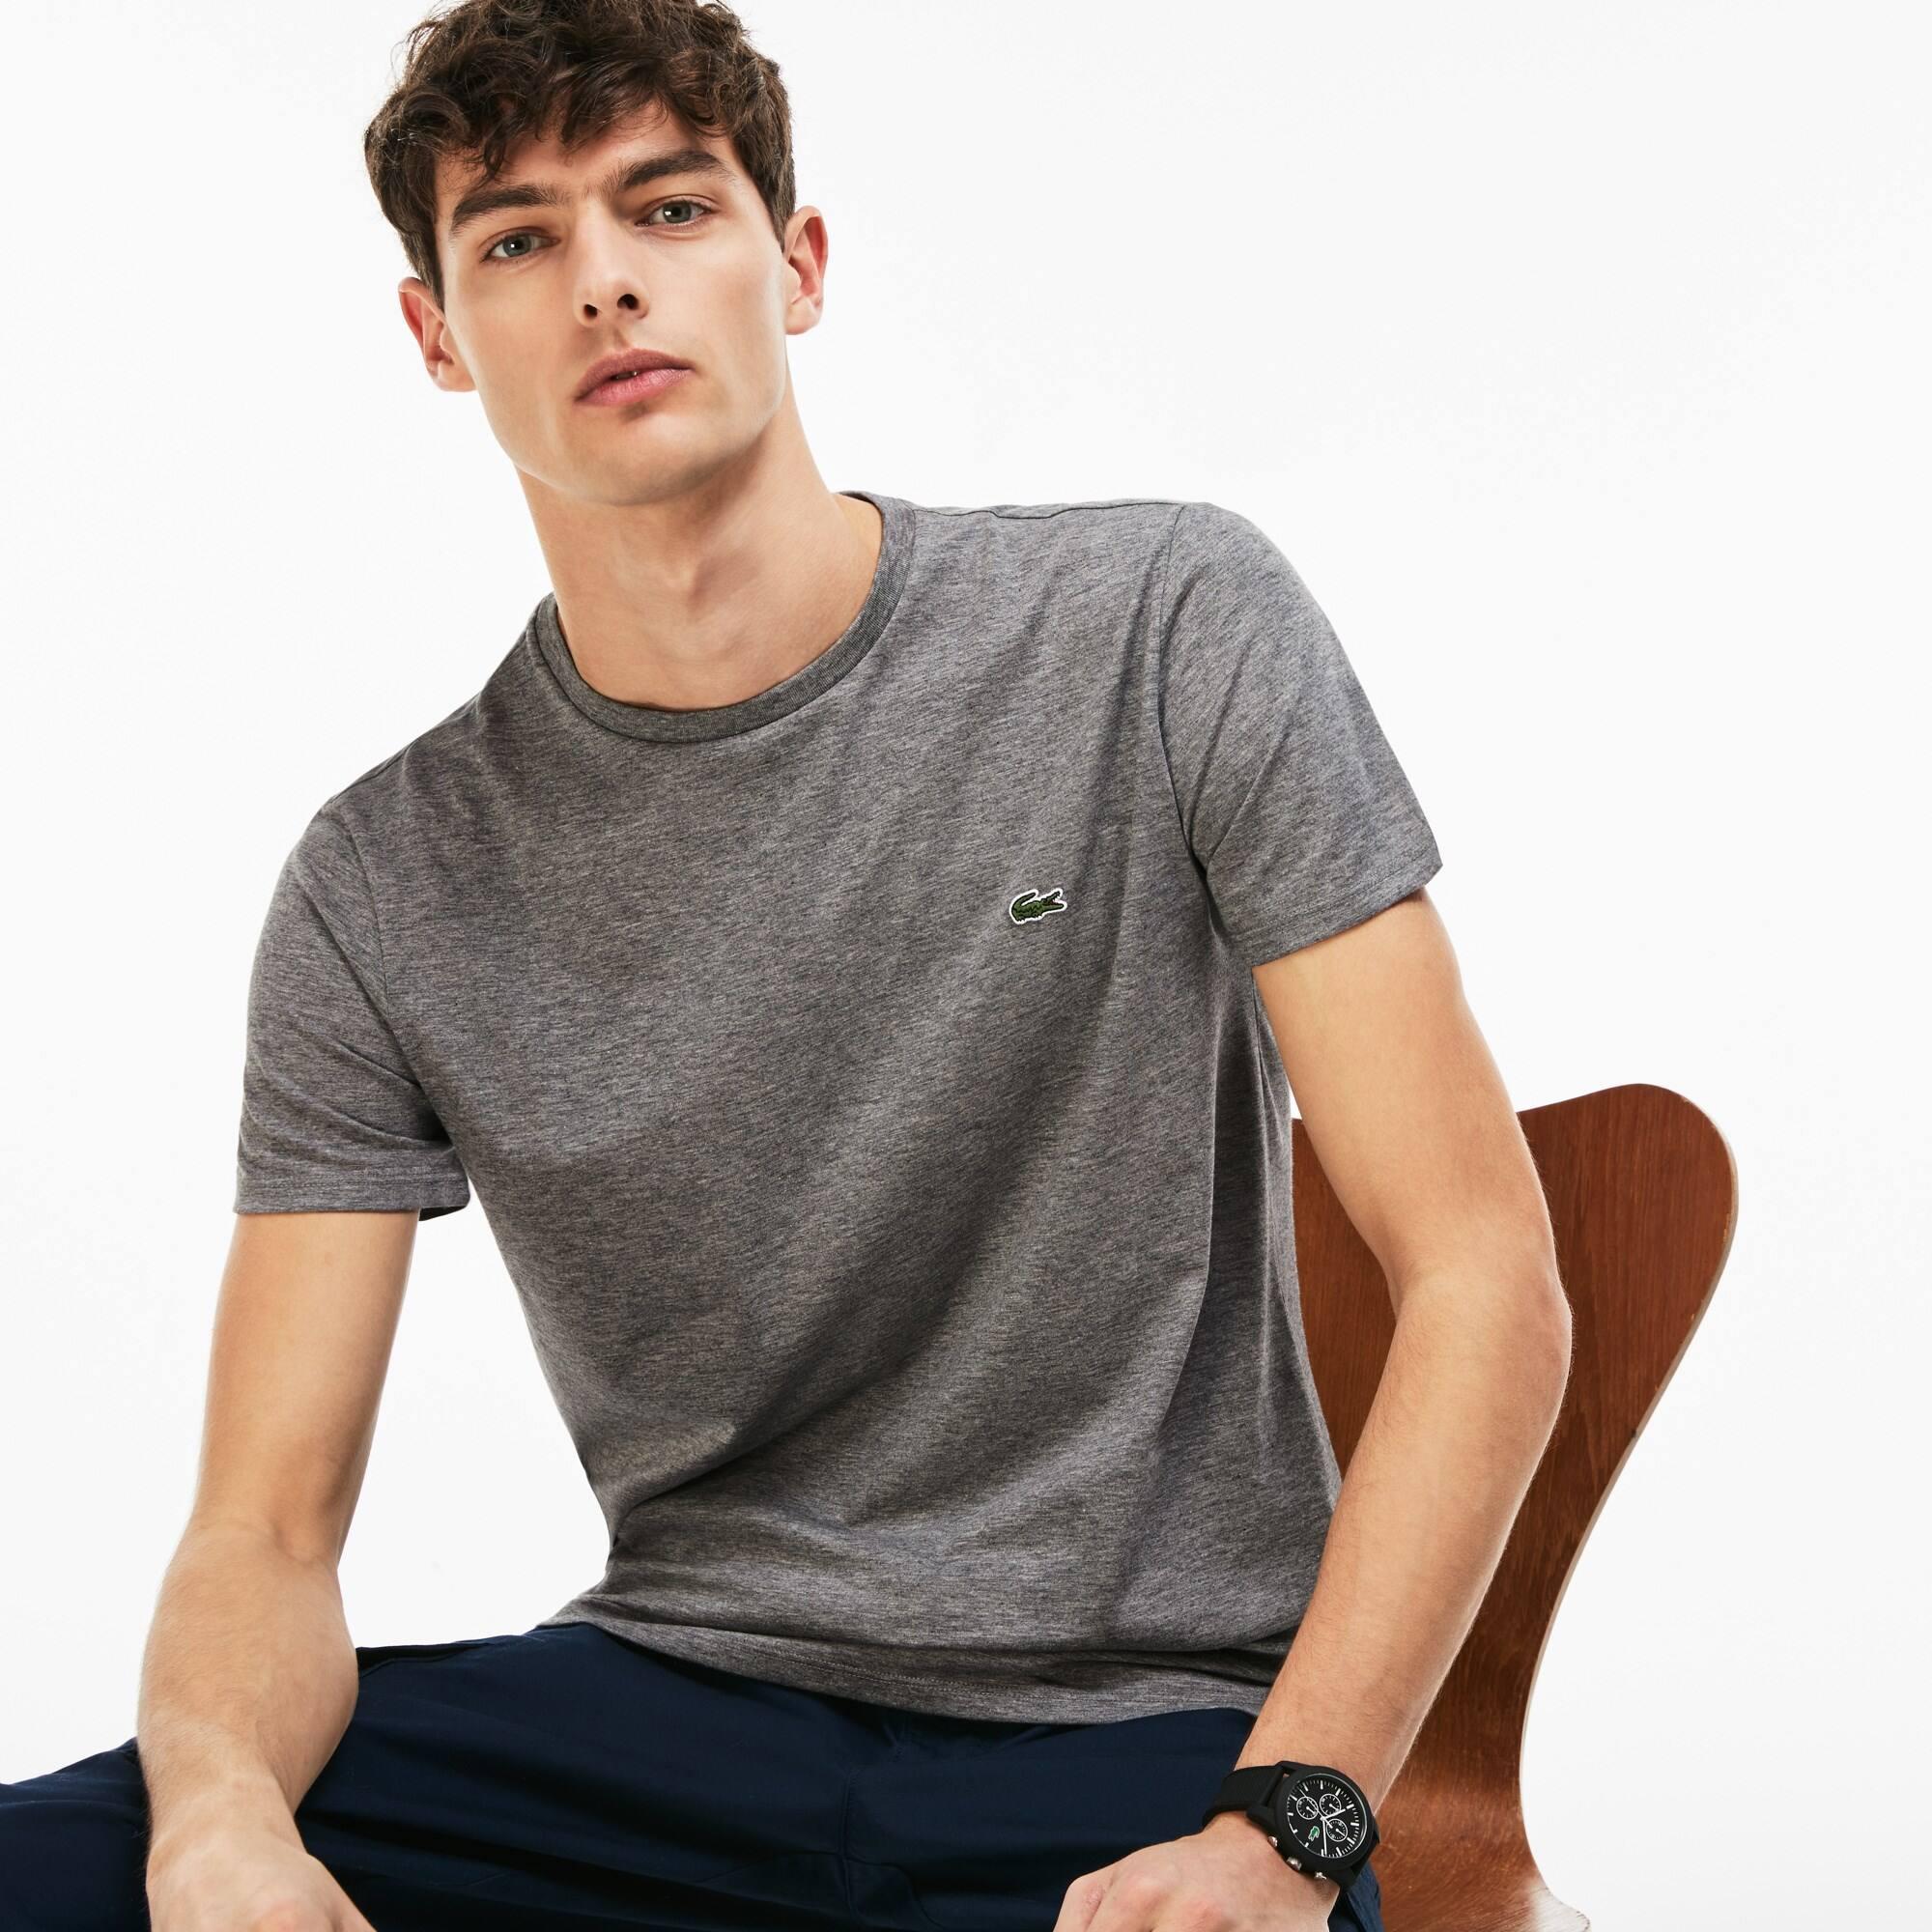 Camiseta Masculina em Jérsei de Algodão Pima com Gola Redonda 12b2c06ba1